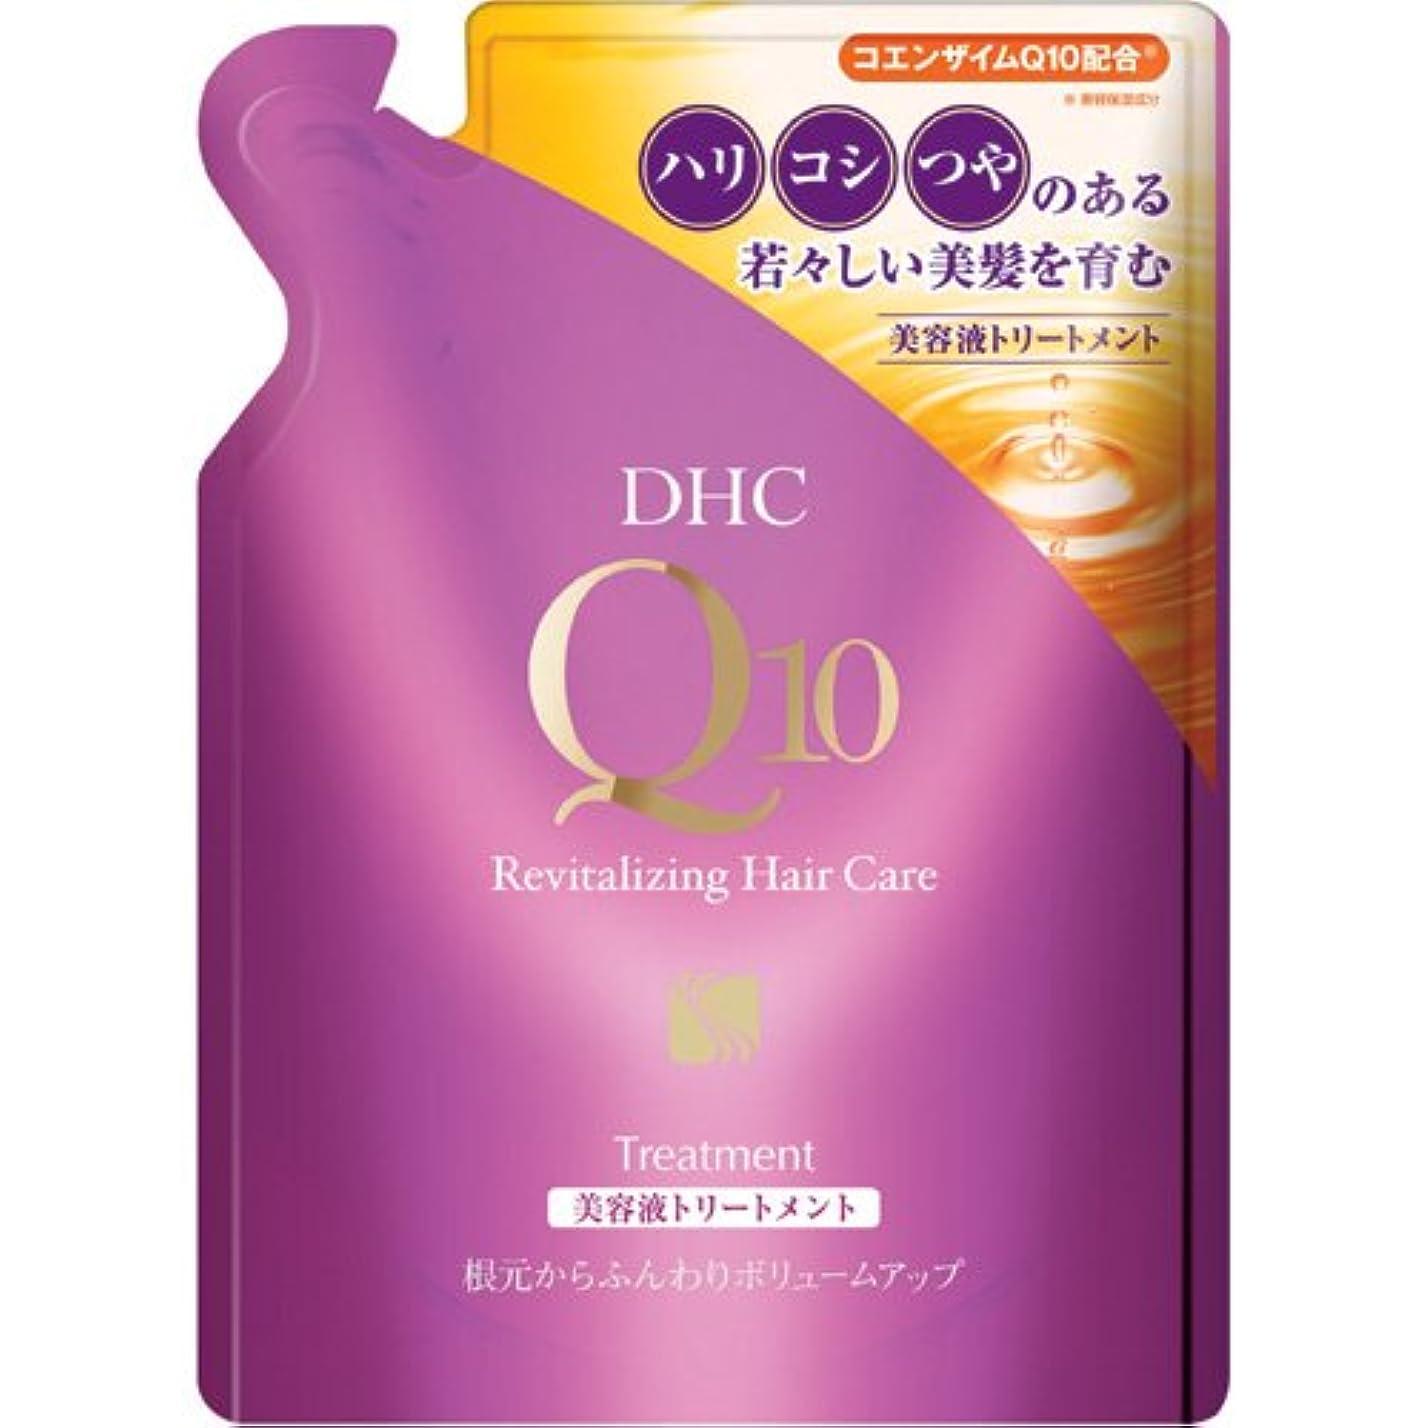 正しいつば呼吸するDHC Q10美容液 トリートメント 詰め替え用 (SS) 240ml